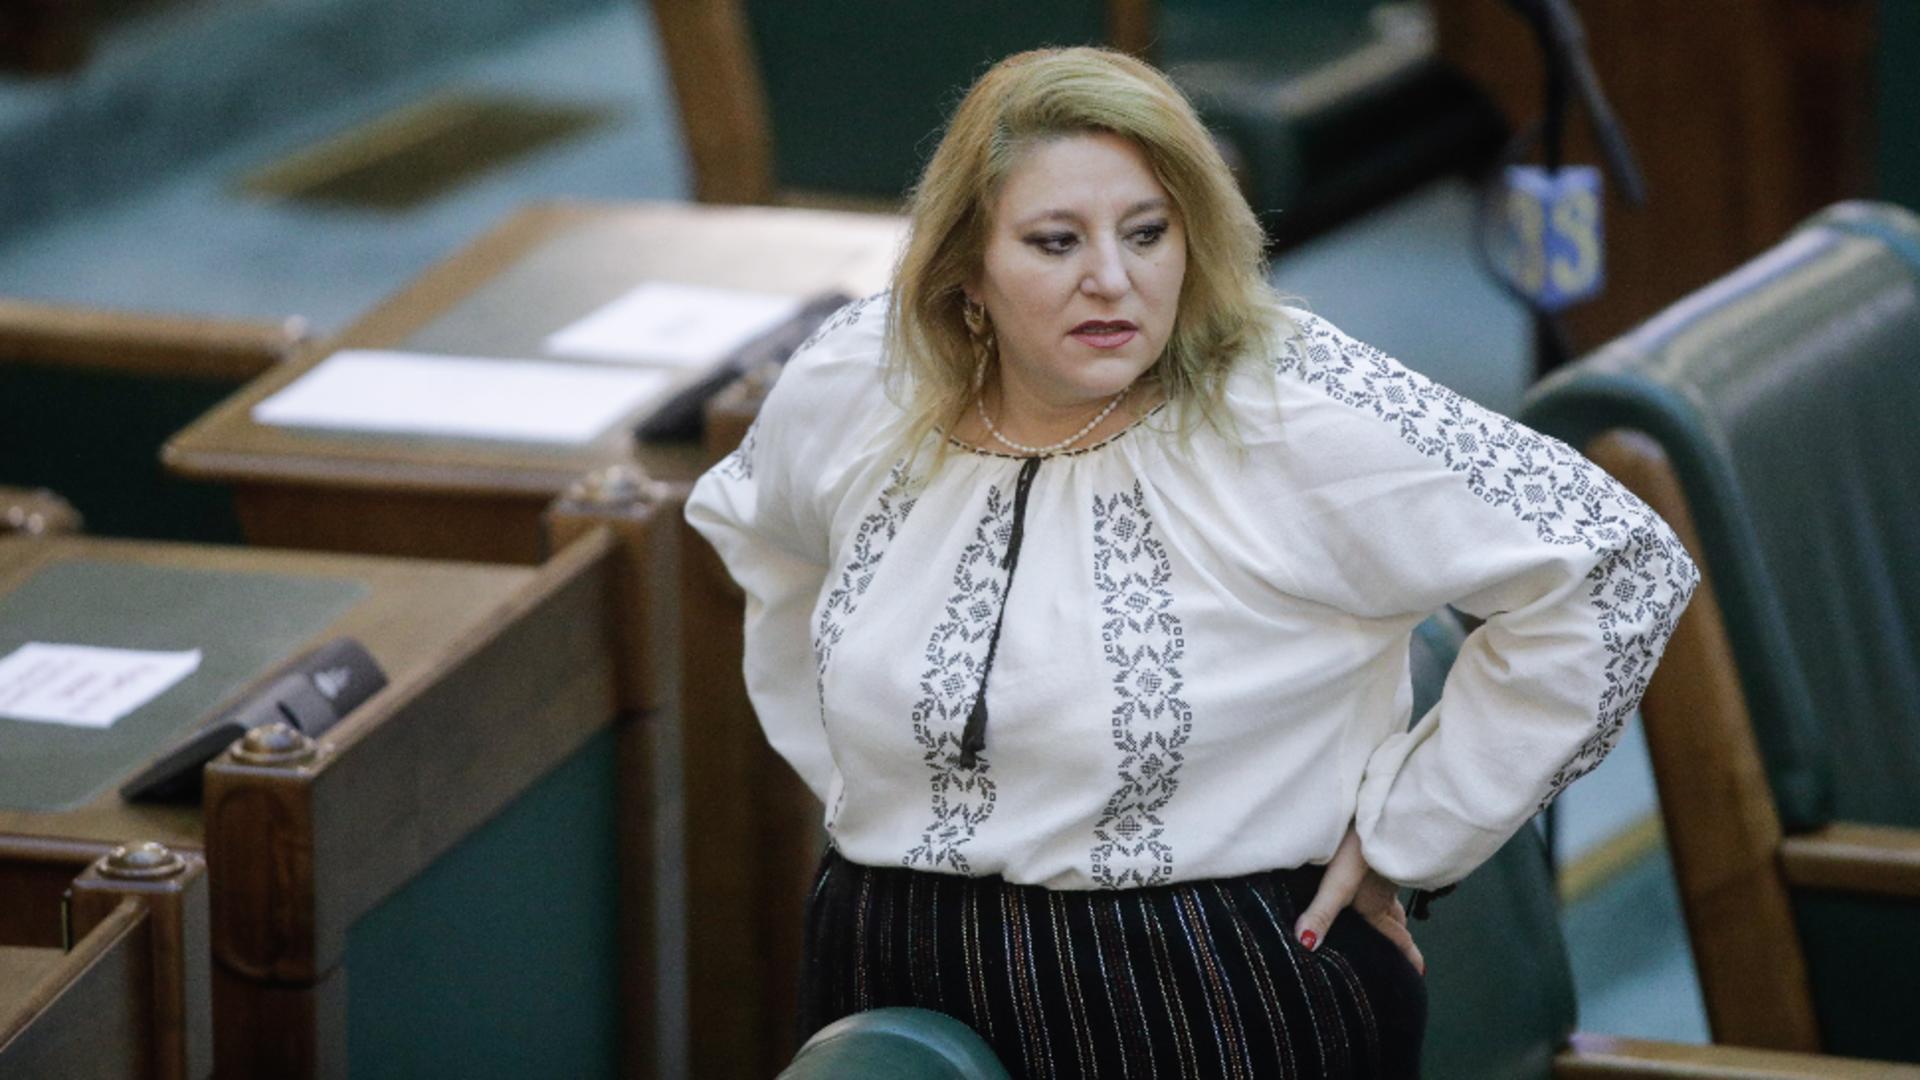 Șoșoacă, scandal monstru în Piața Mare din Sibiu / Foto: Inquam Photos